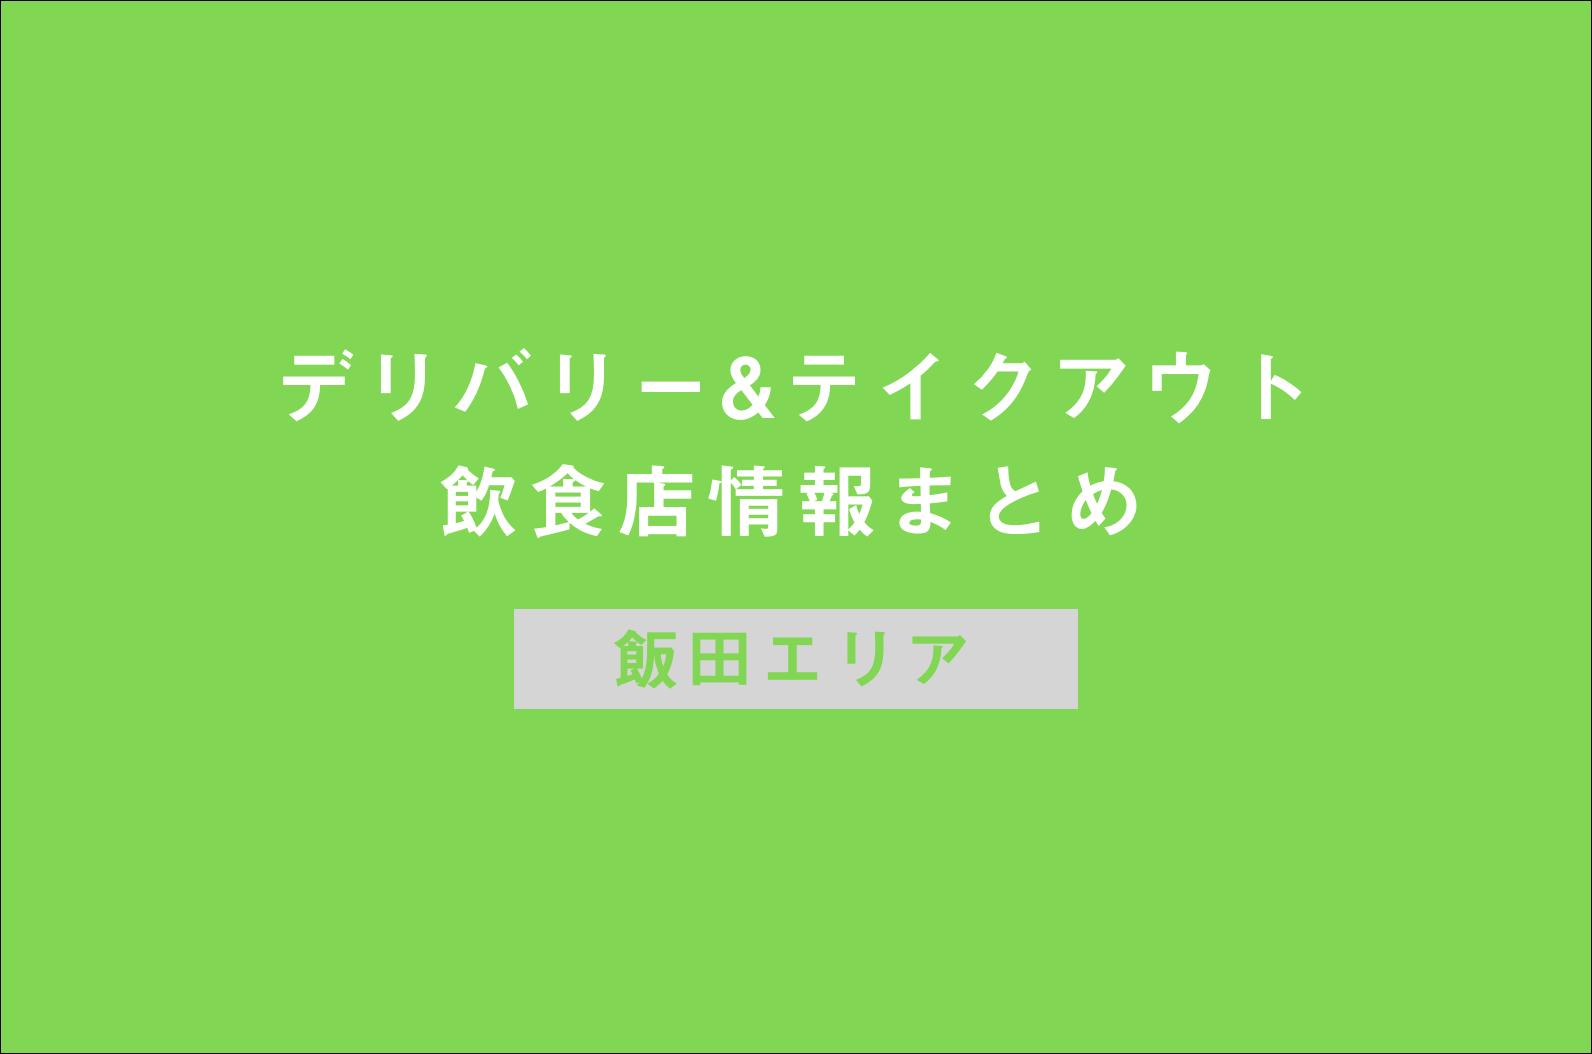 デリバリー&テイクアウトまとめ|飯田エリア